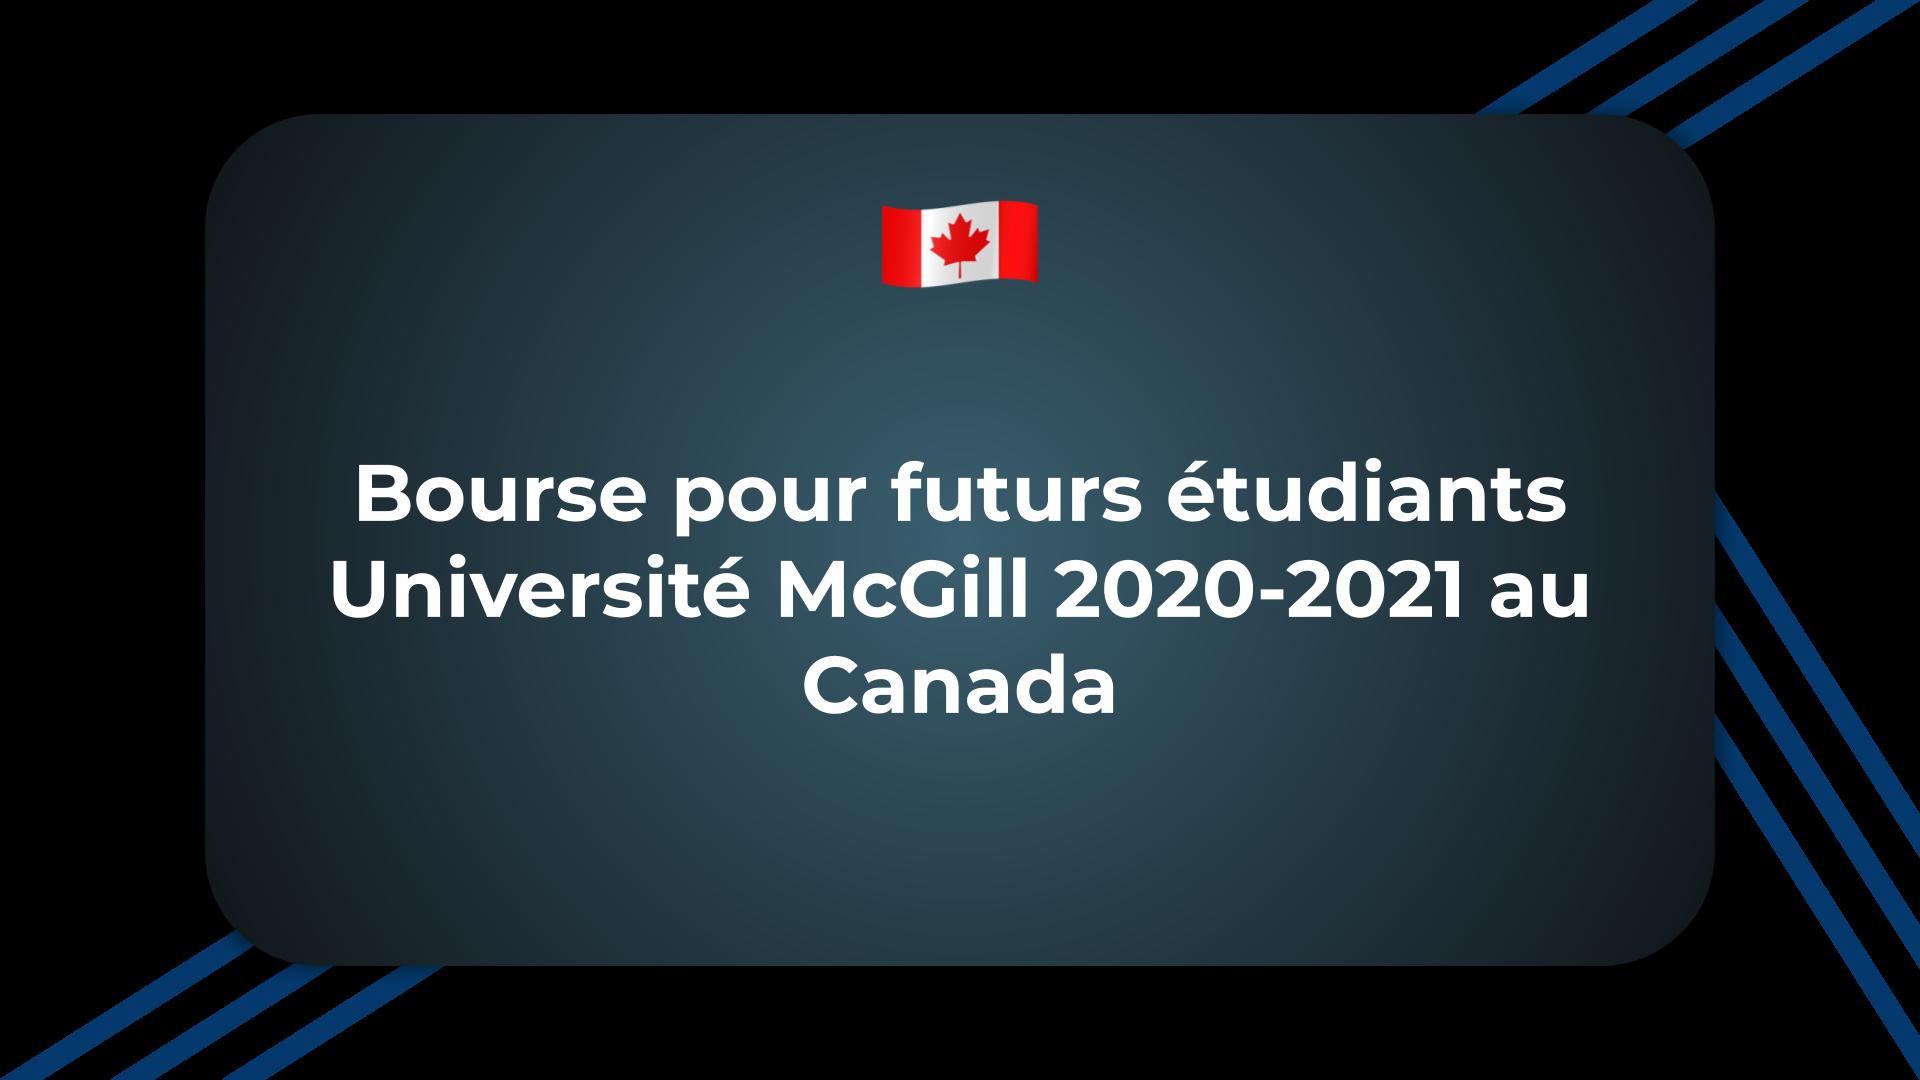 Bourse pour futurs étudiants Université McGill